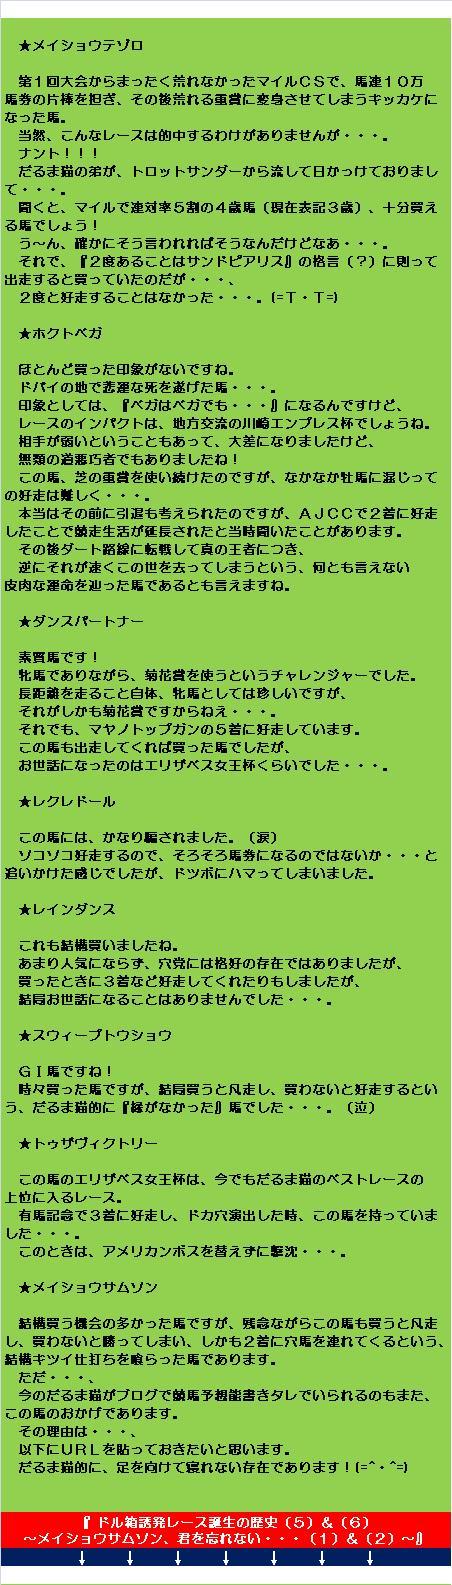 20160507・ブログ記事-11.jpg